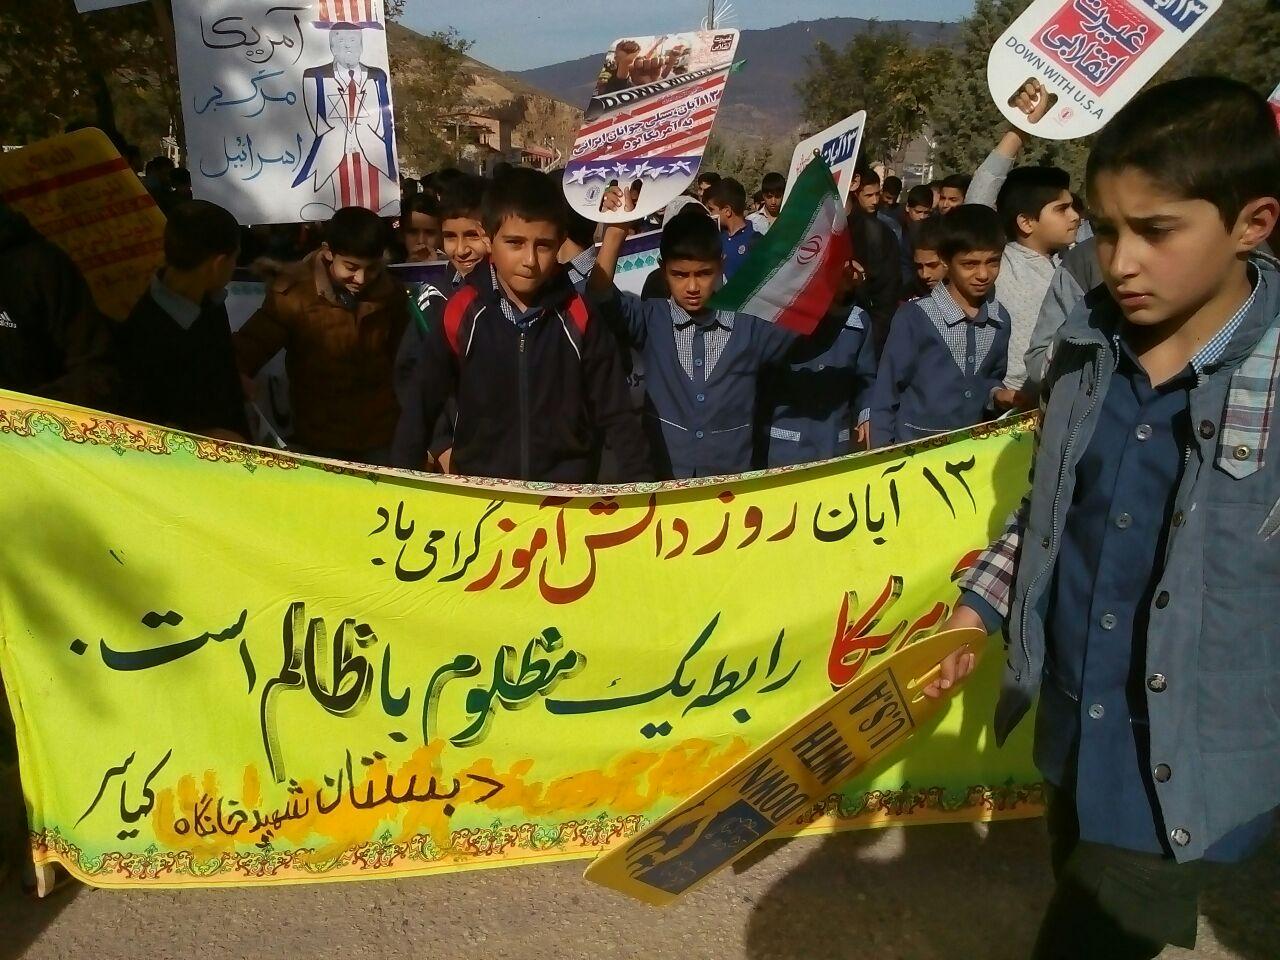 برگزاری راهپیمایی ۱۳ آبان در شهر کیاسر